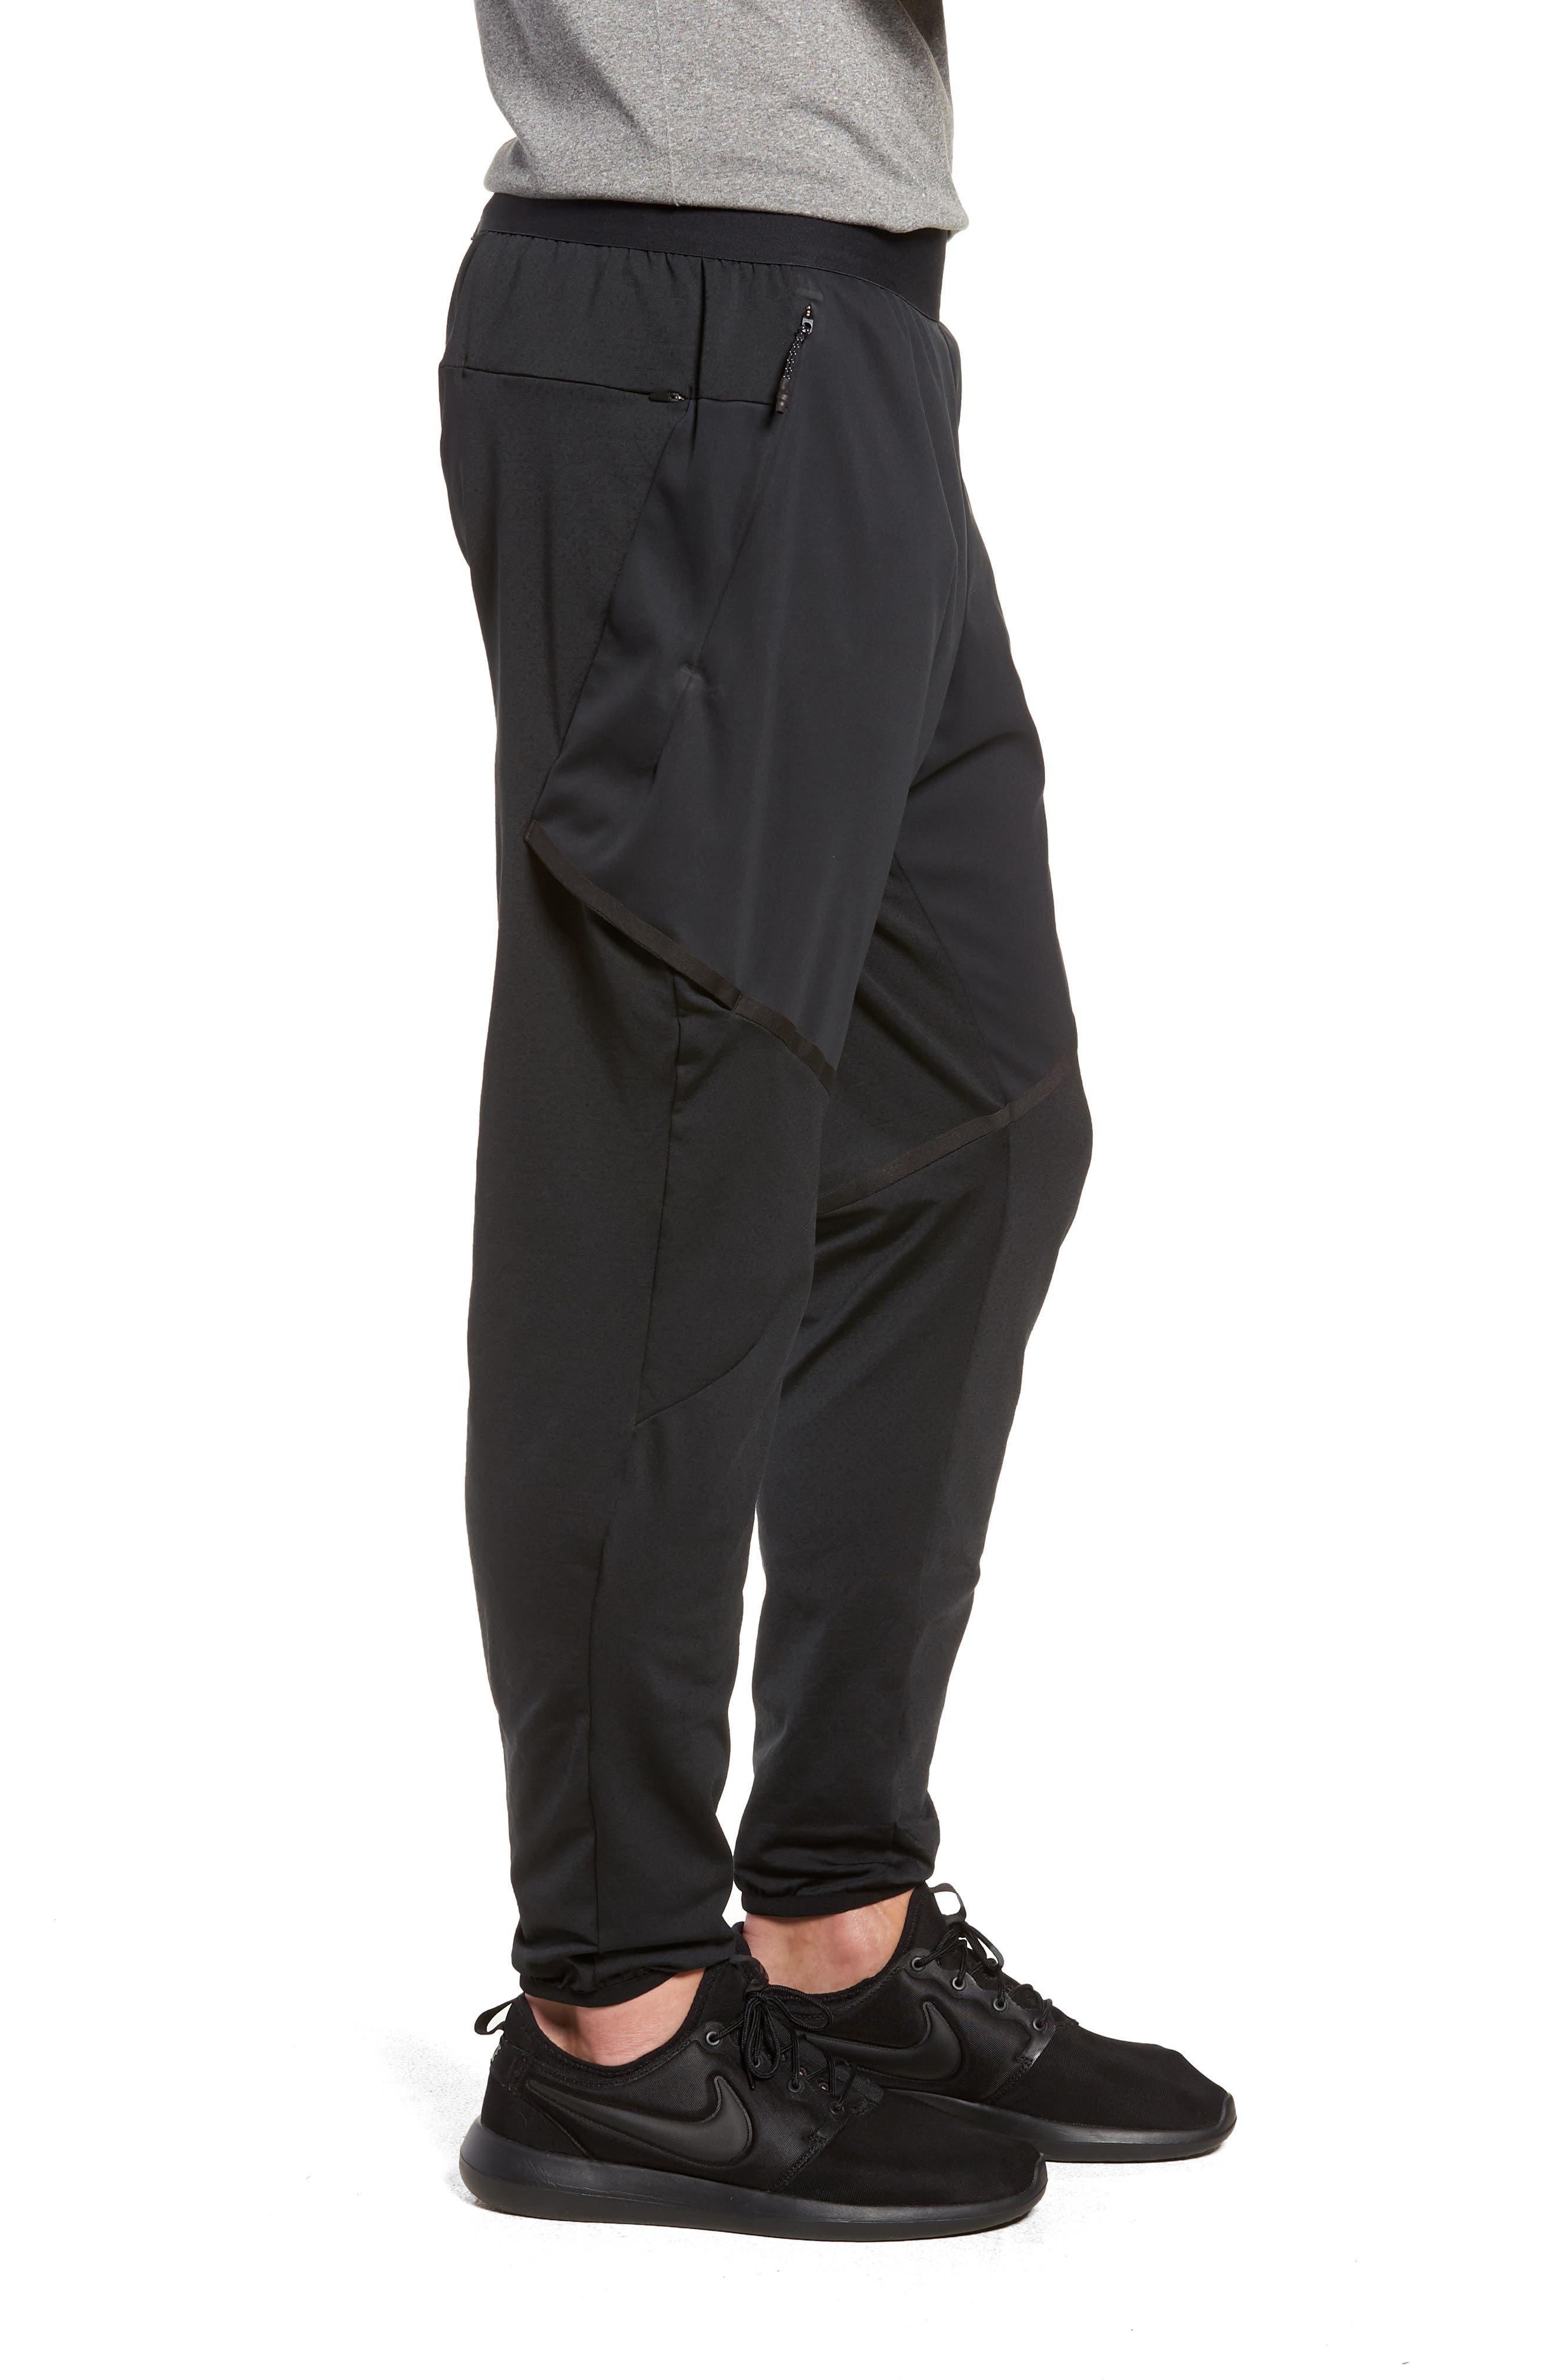 Training Flex Pants,                             Alternate thumbnail 3, color,                             BLACK/ BLACK